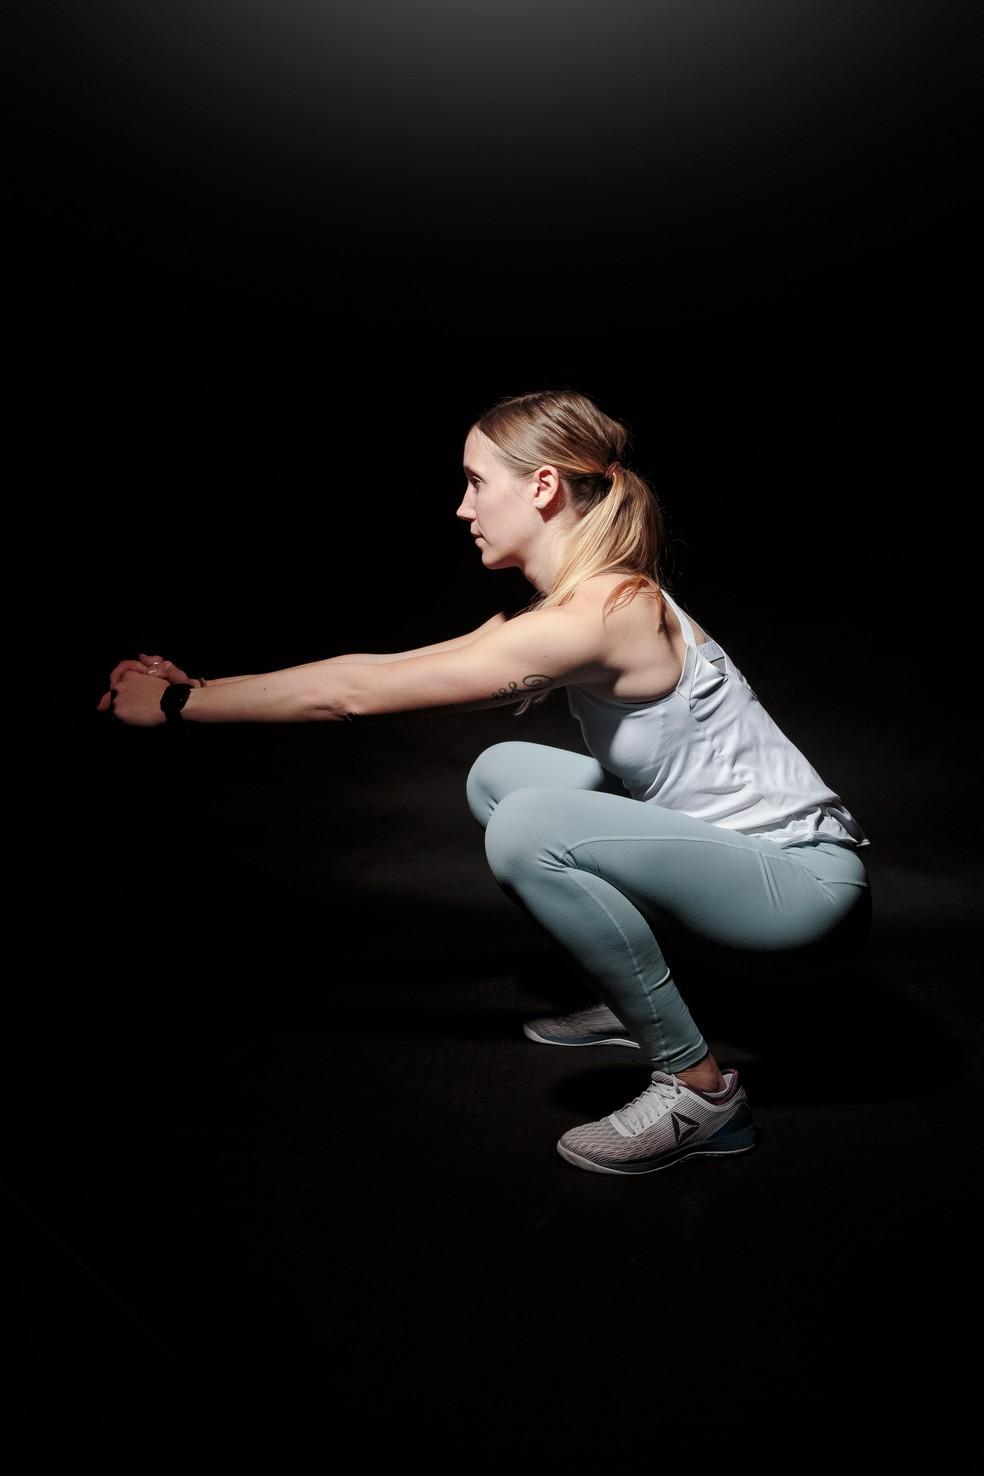 Agachamentos são altamente indicados para ciclistas fortalecerem a musculatura das pernas — Foto: Pexels